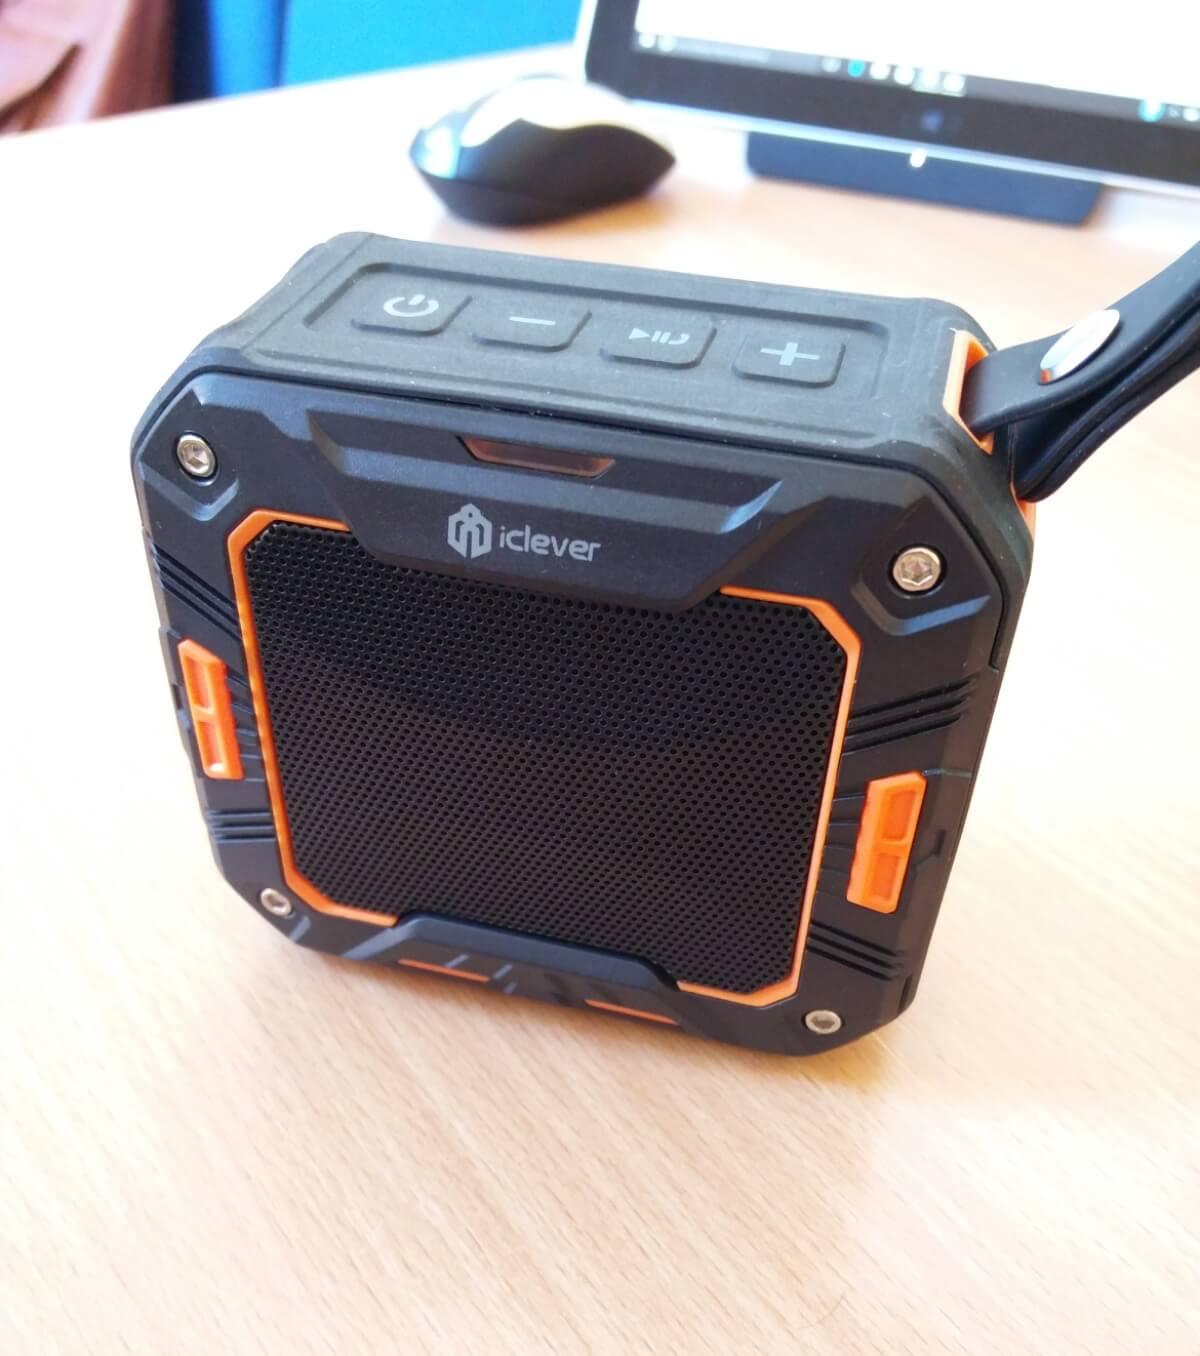 iClever Wireless Outdoor Speaker